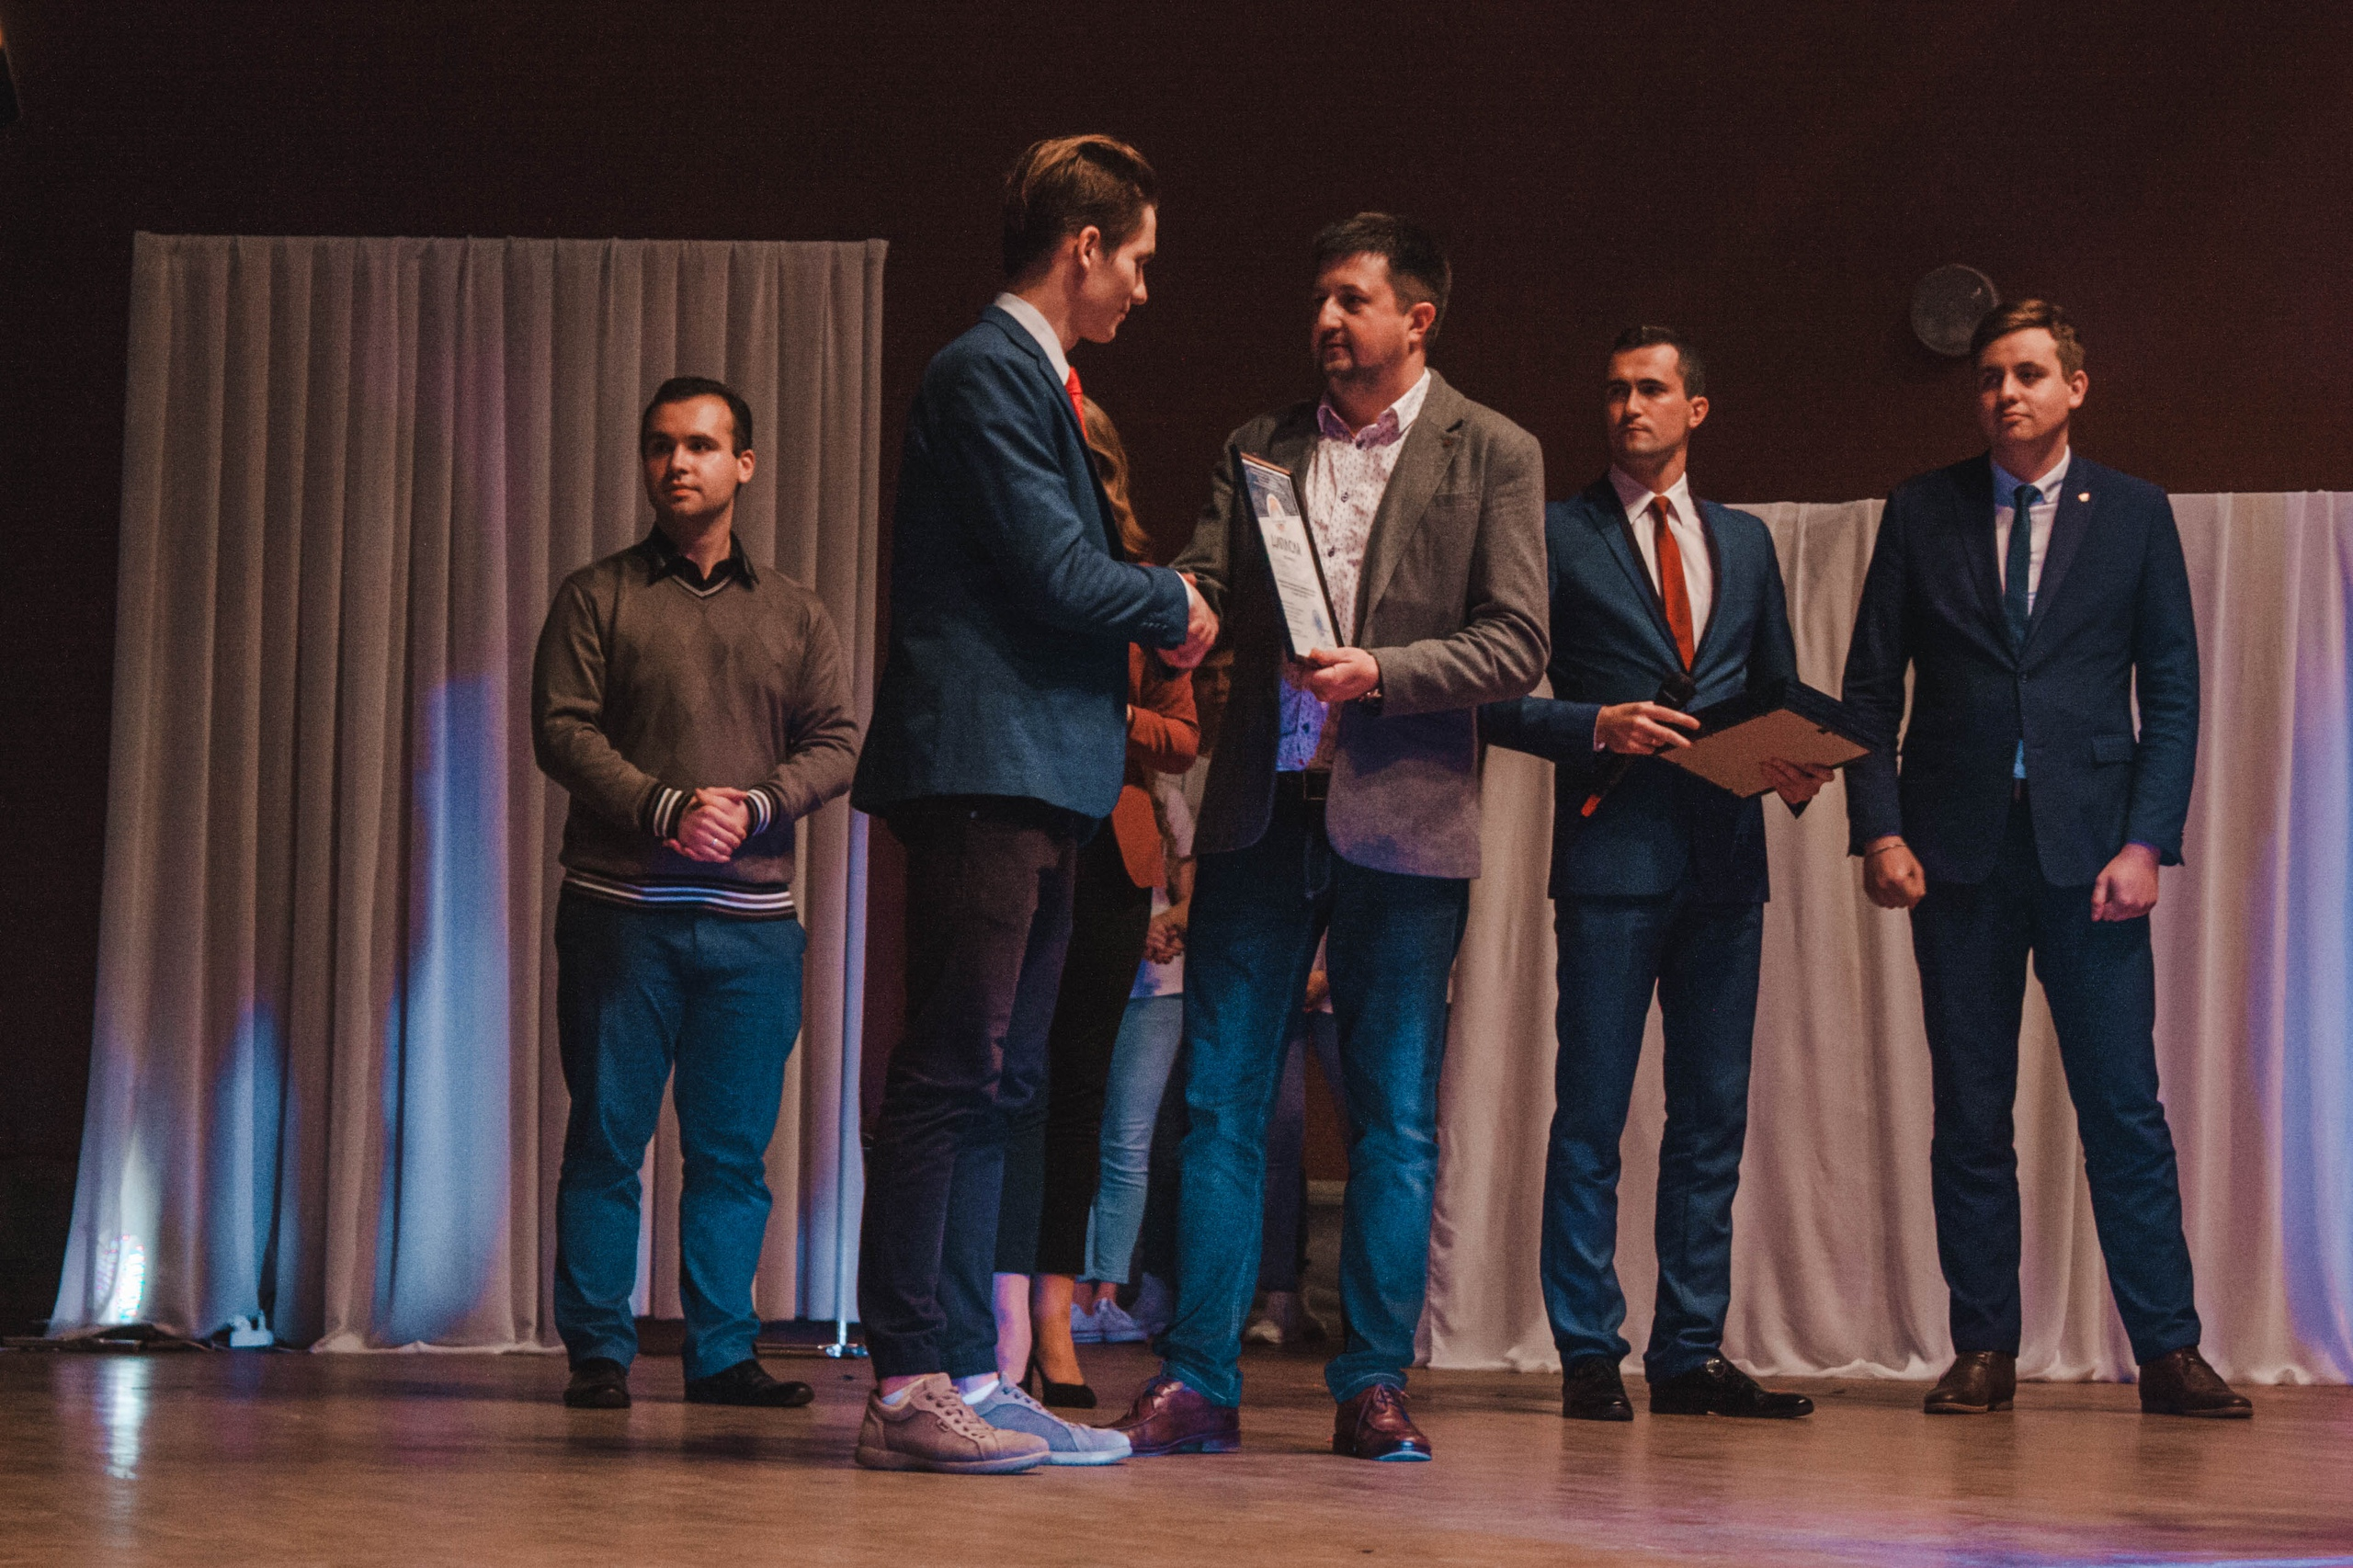 Юрий Сегенюк, первый секретарь Брестского областного комитета ОО «БРСМ», вручает Михаилу Ольшевскому диплом.